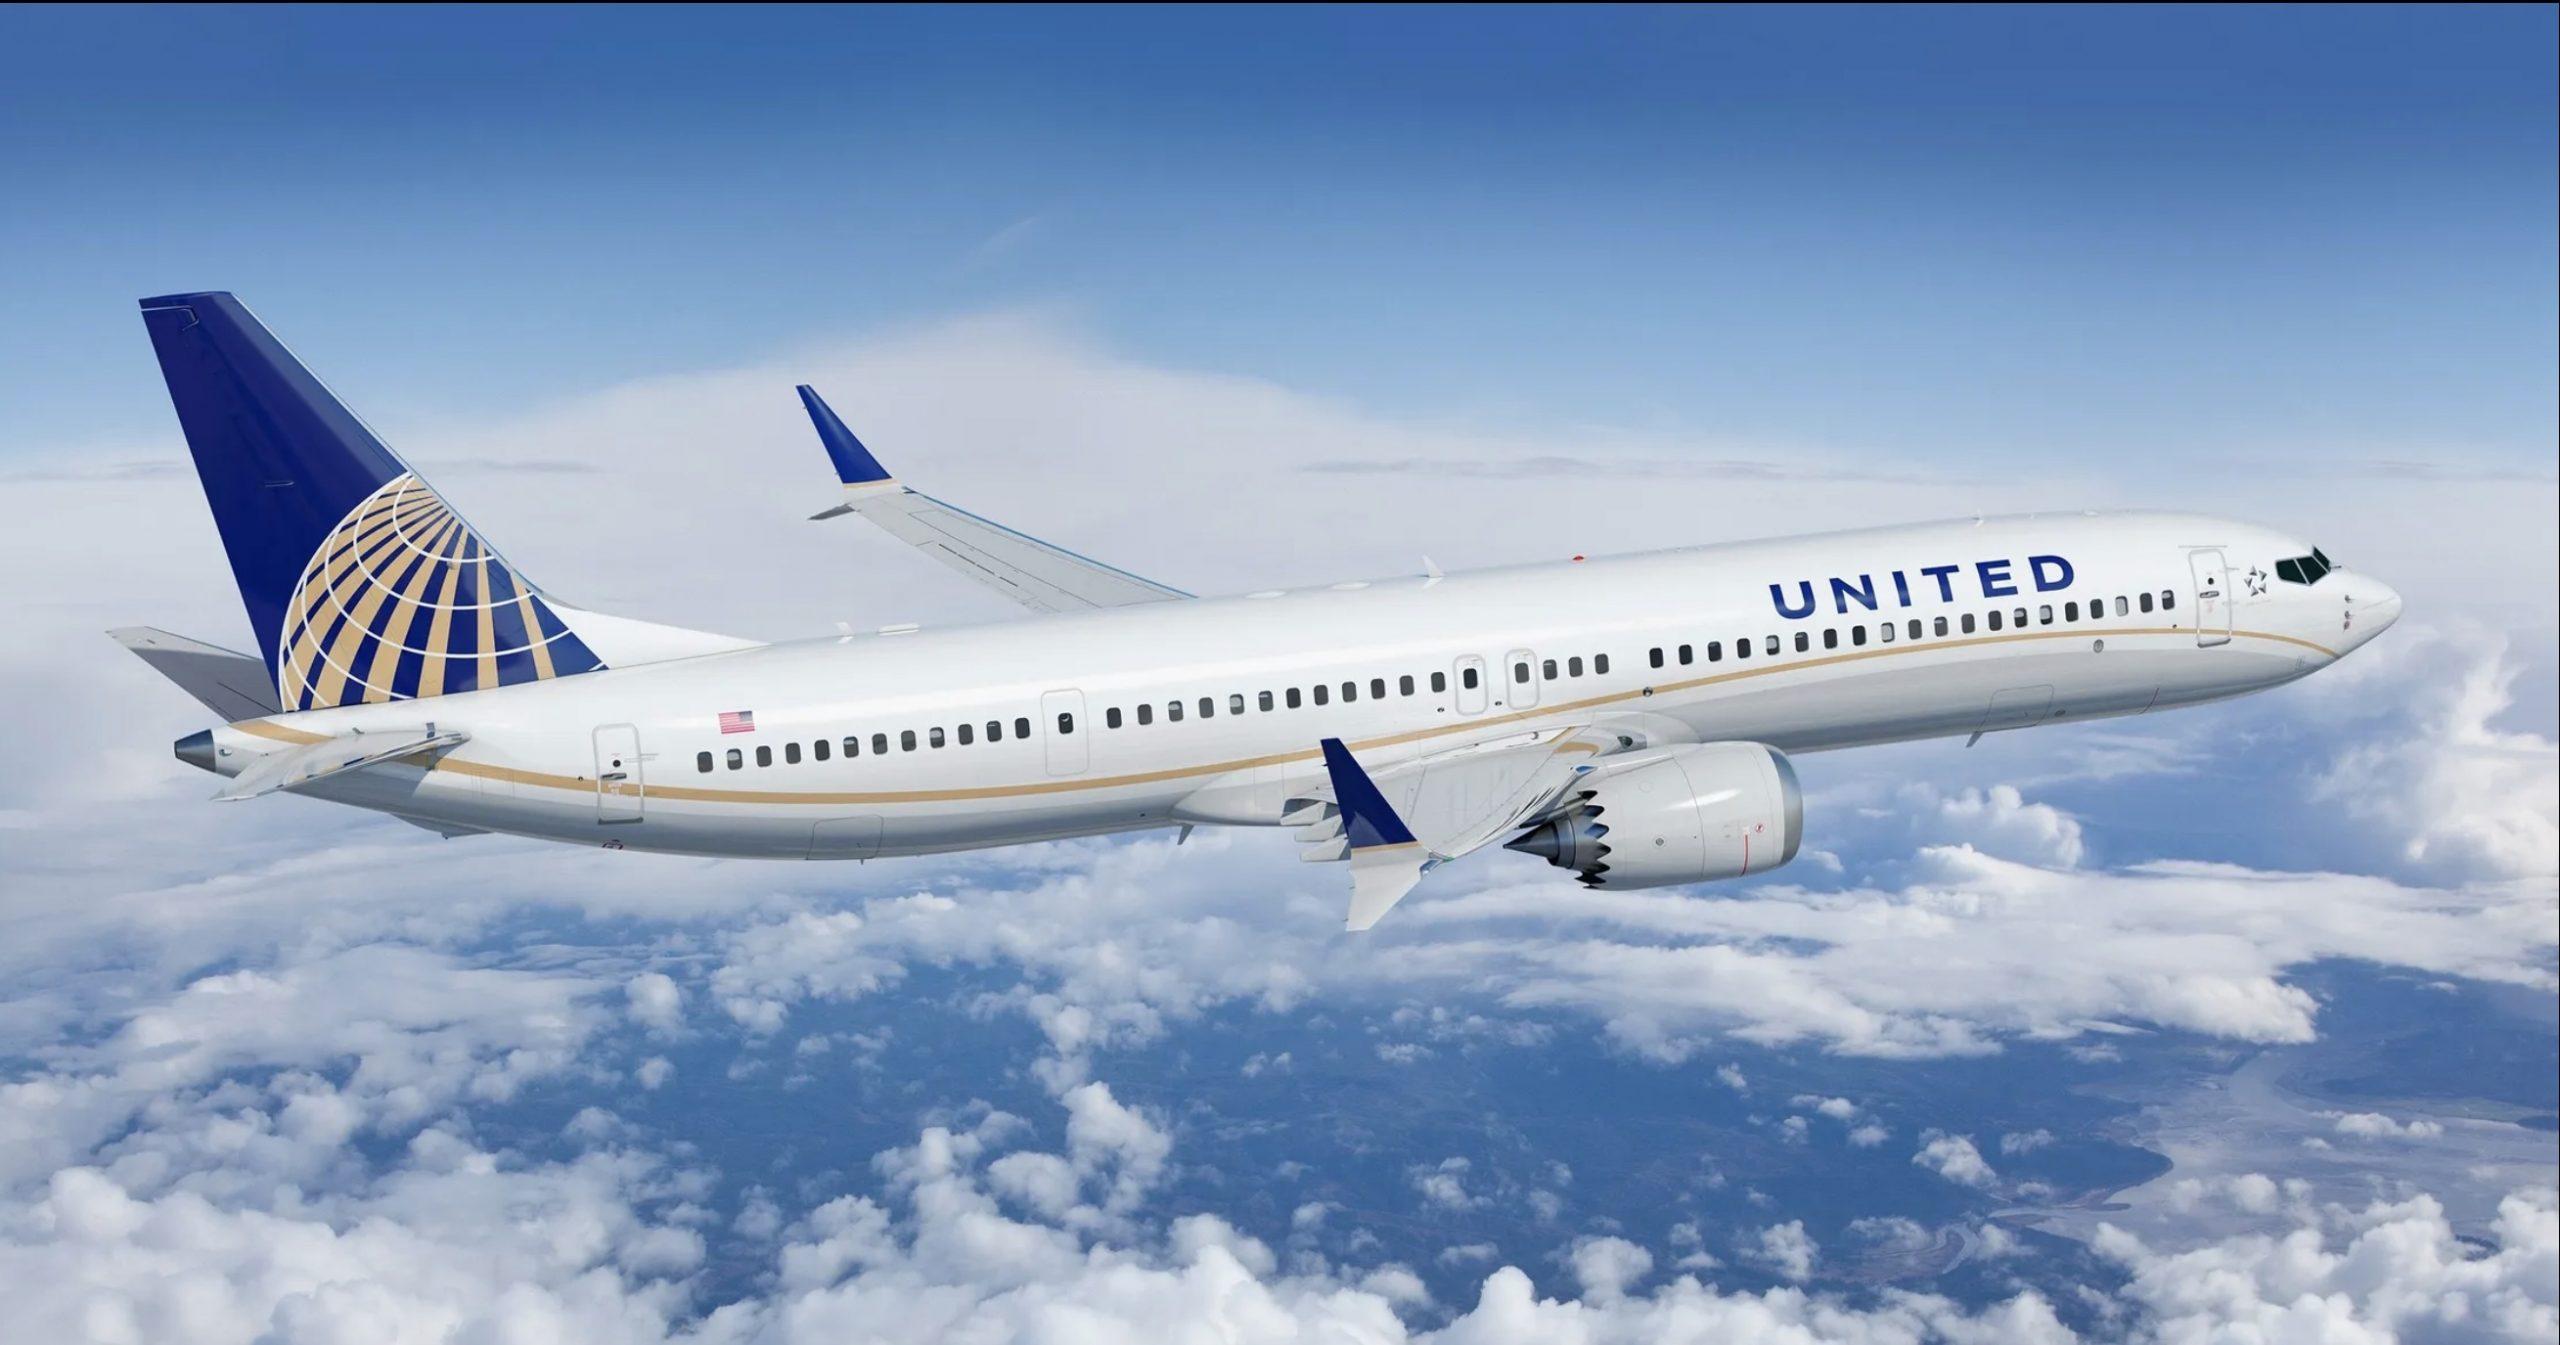 Image to show UA plane